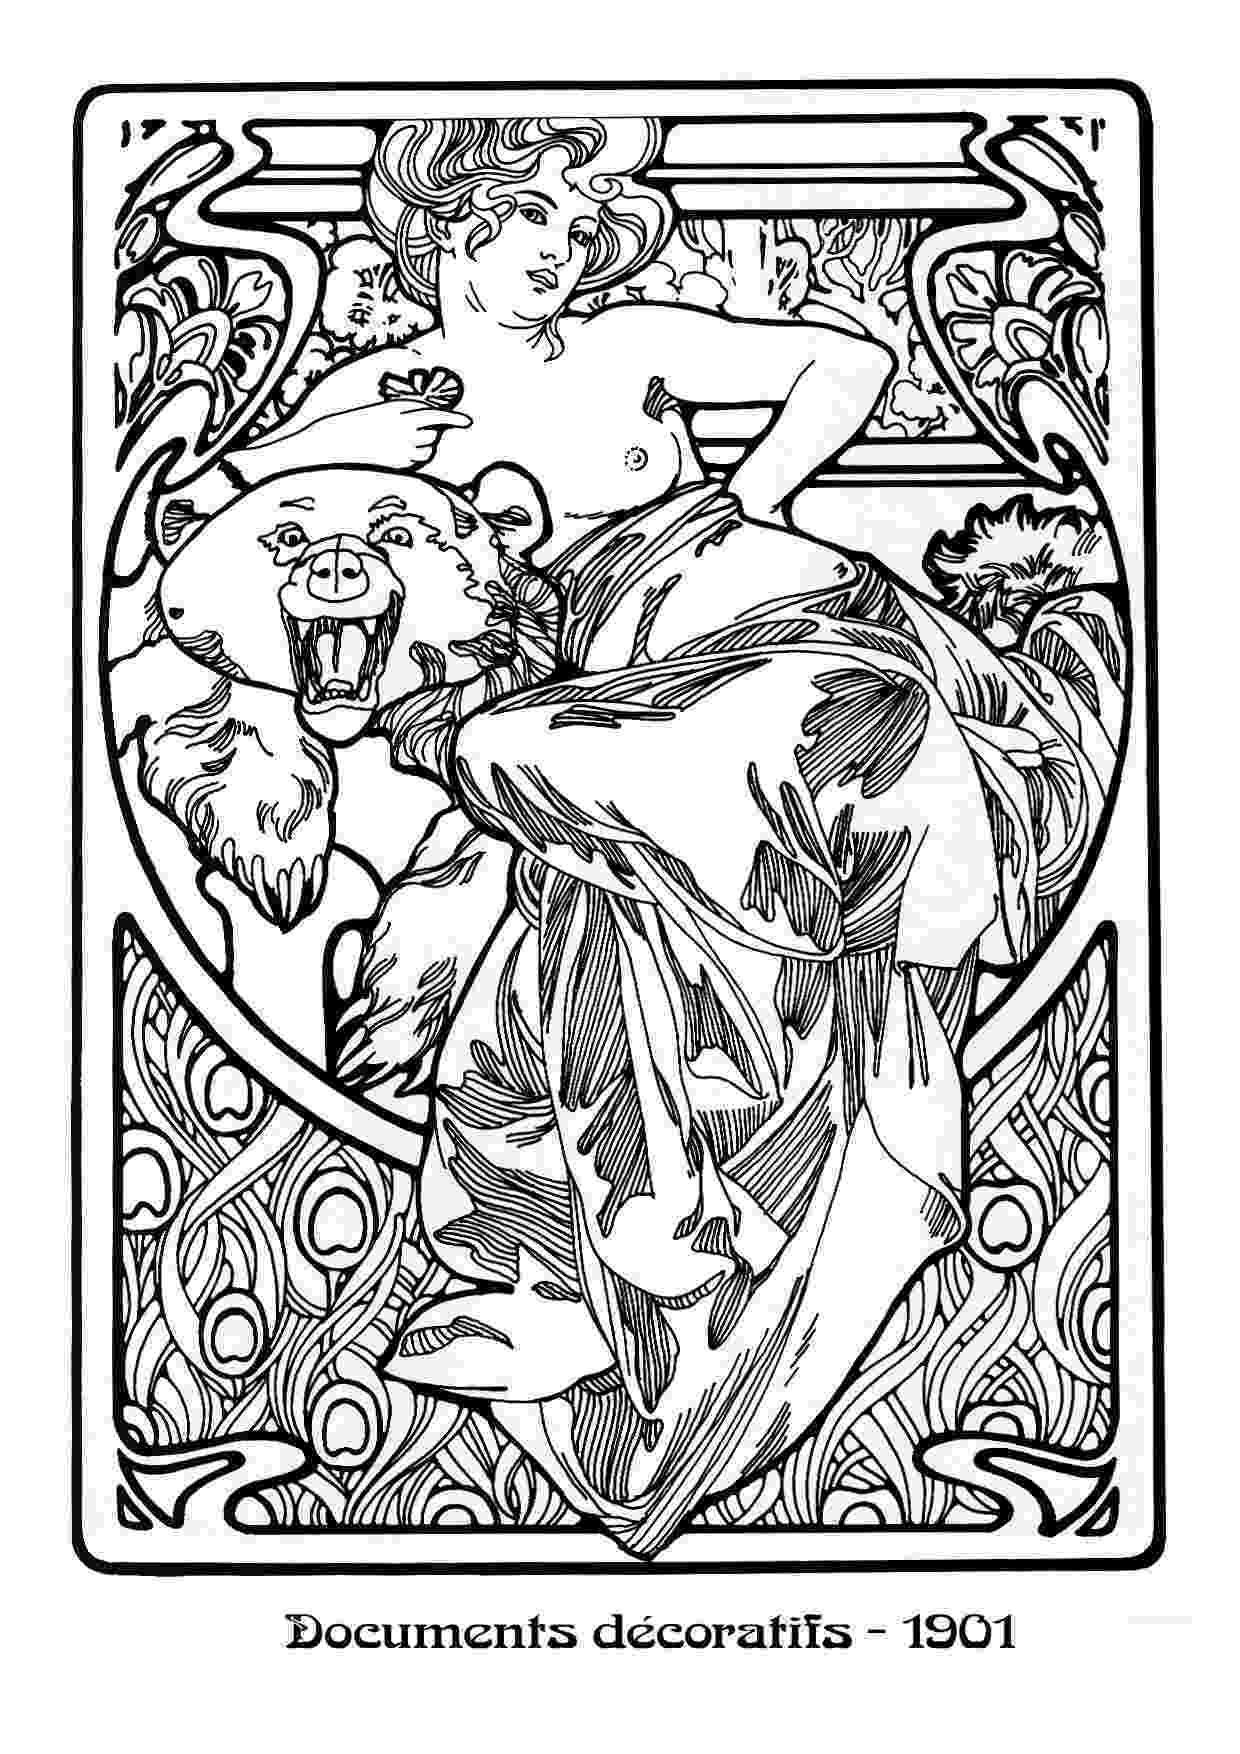 art nouveau coloring book online mucha black white24 dvdbash dvdbash nouveau book coloring online art